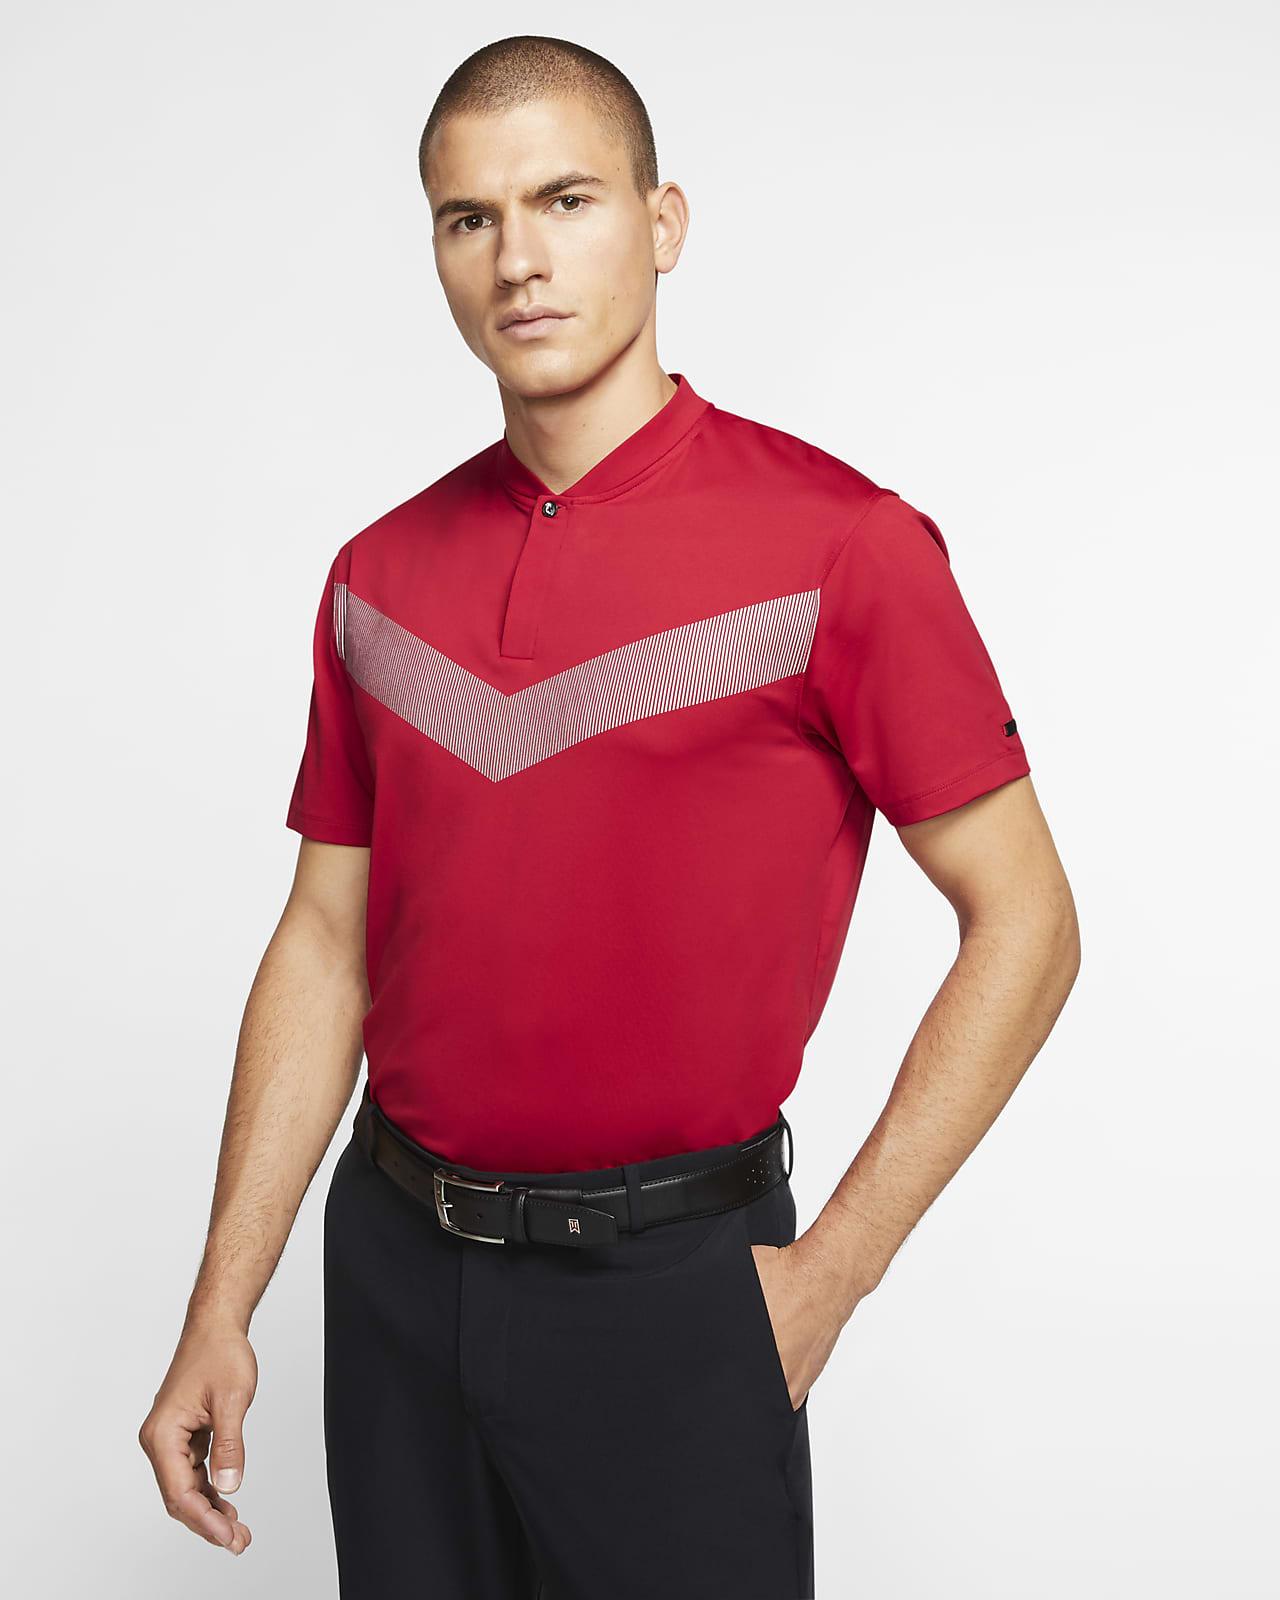 Nike Dri-FIT Tiger Woods Vapor golfskjorte til herre